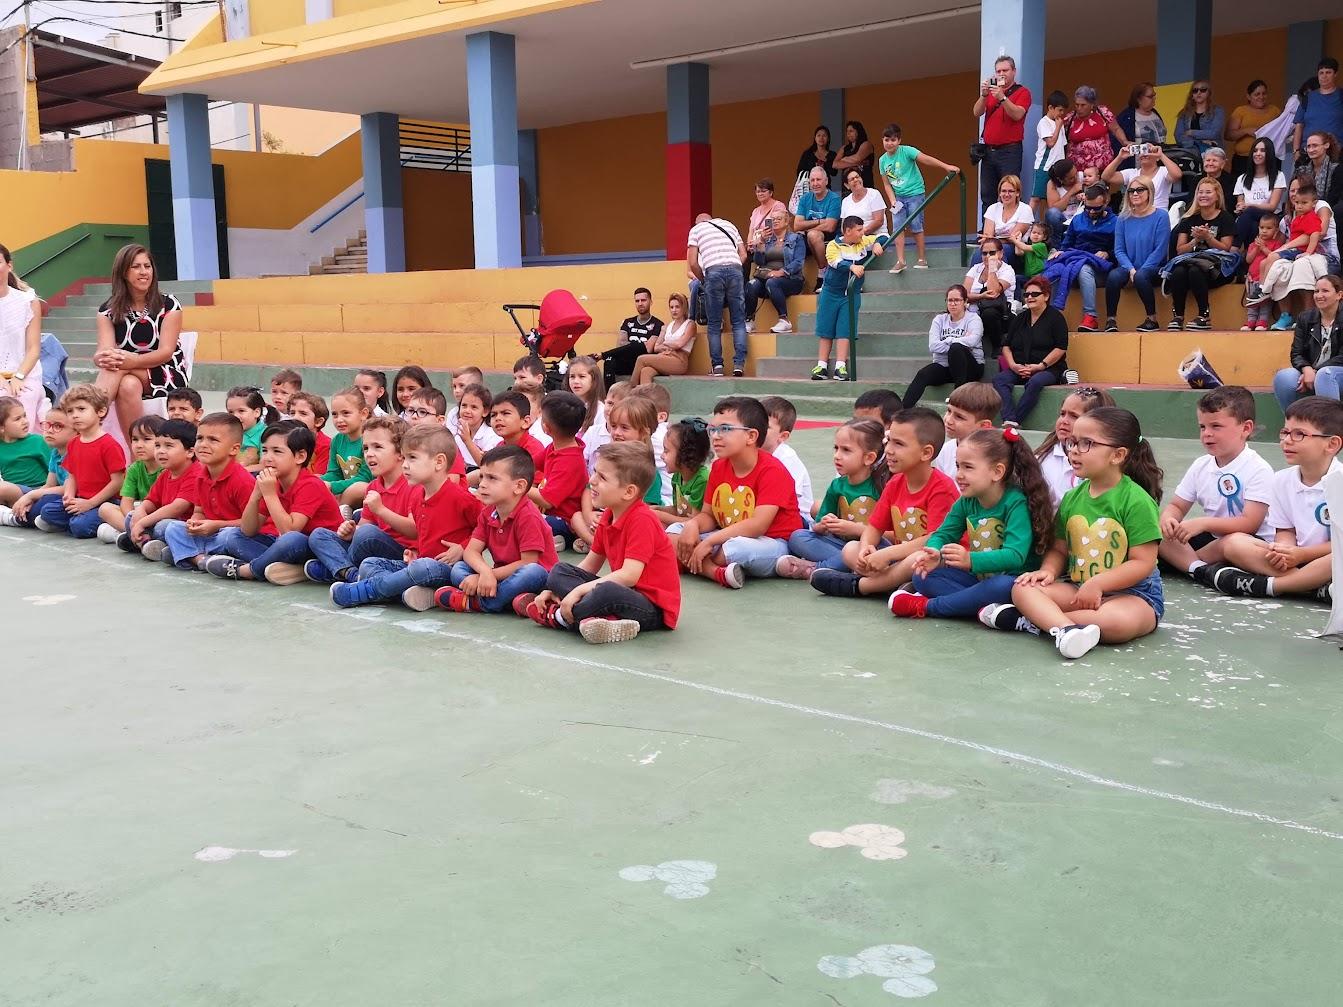 Orla del alumnado de Infantil en el CEIP Alcalde Diego Trujillo